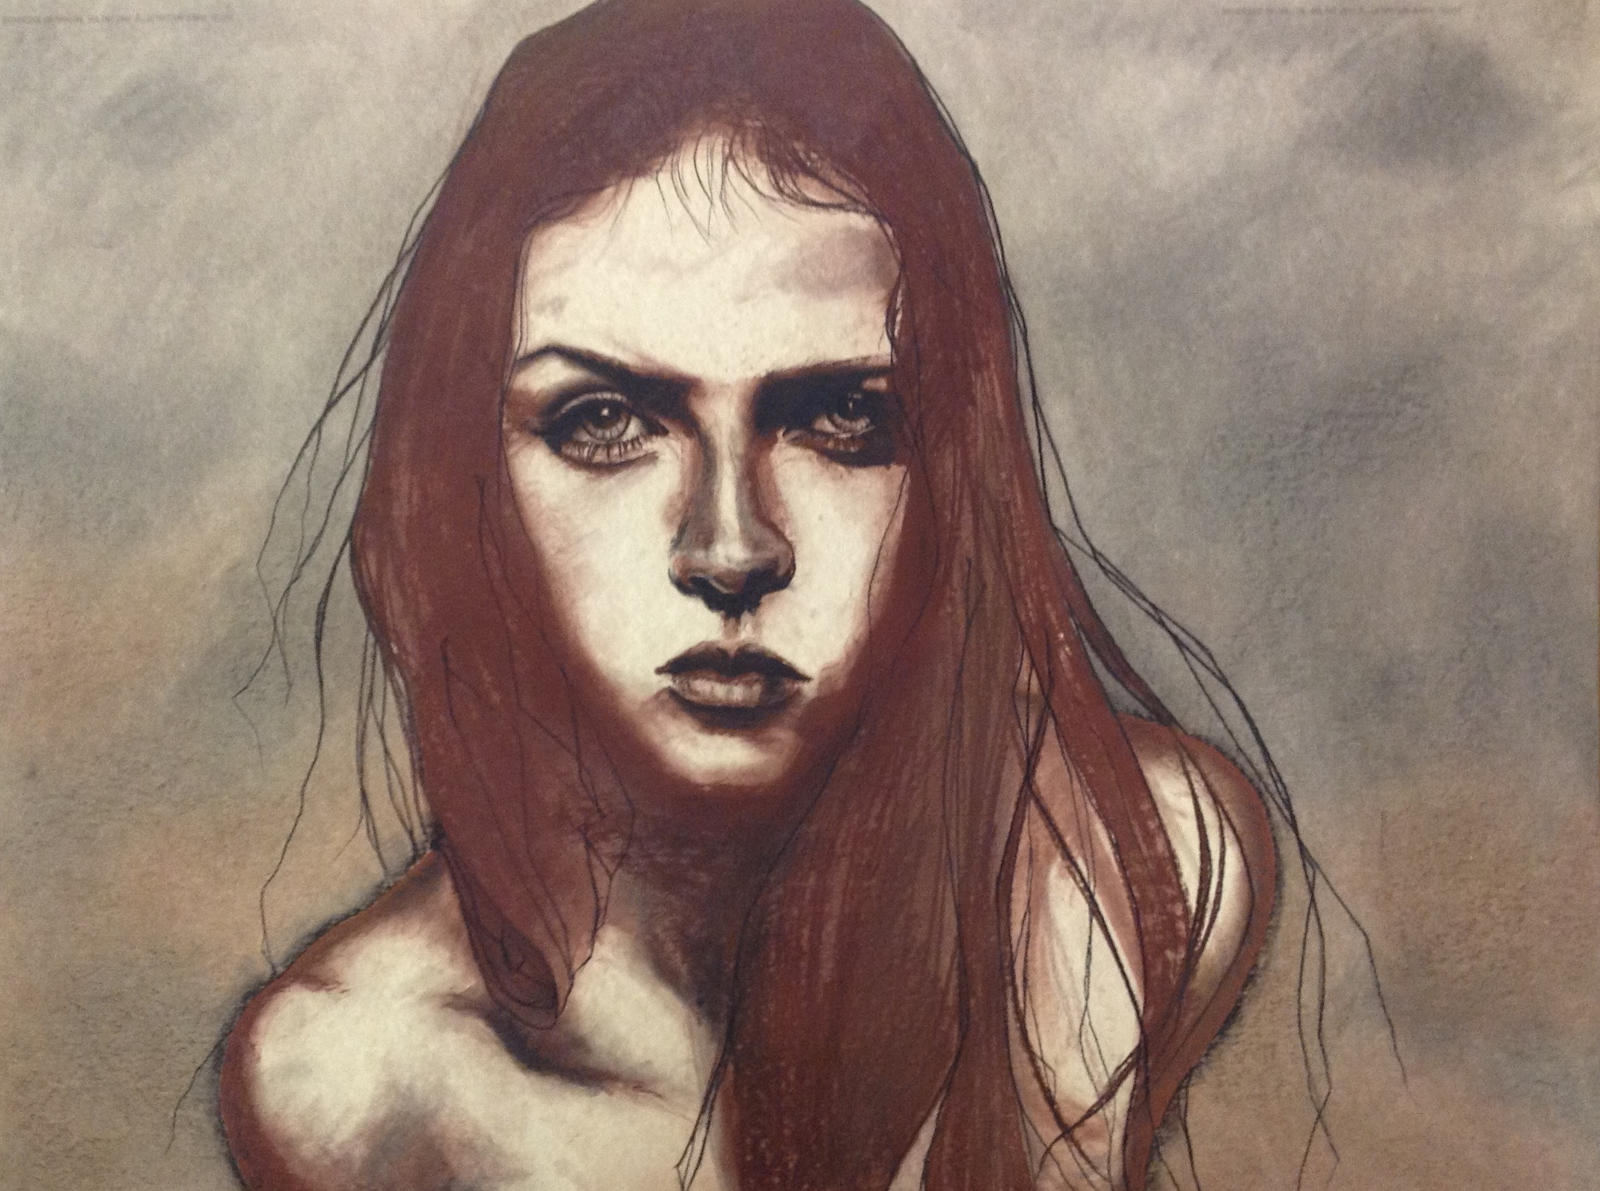 Red Girl by ArtByAWK